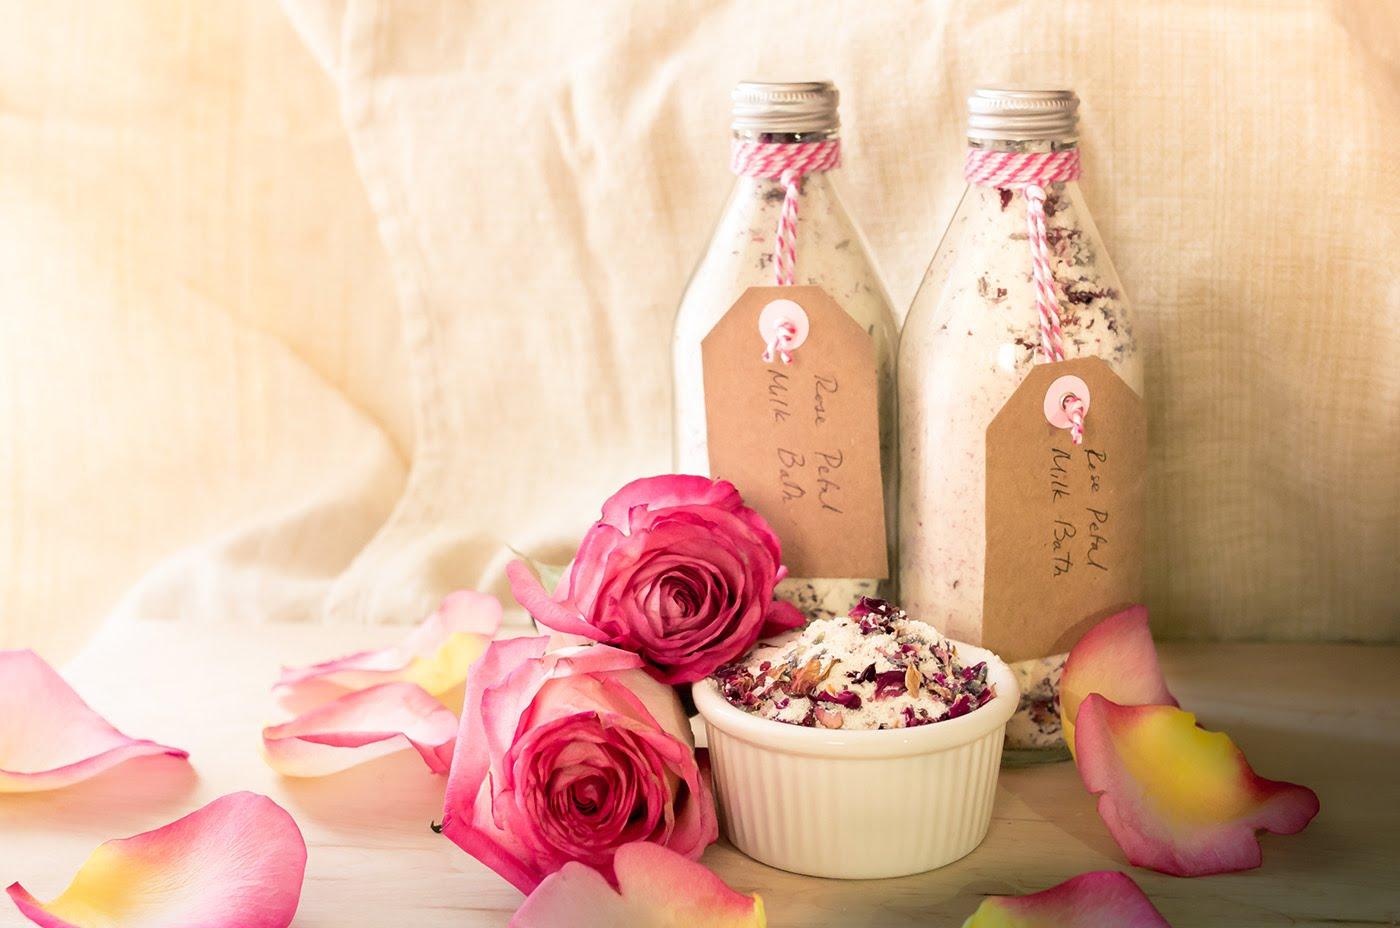 فوائد ماء الورد مع المرة المرسال